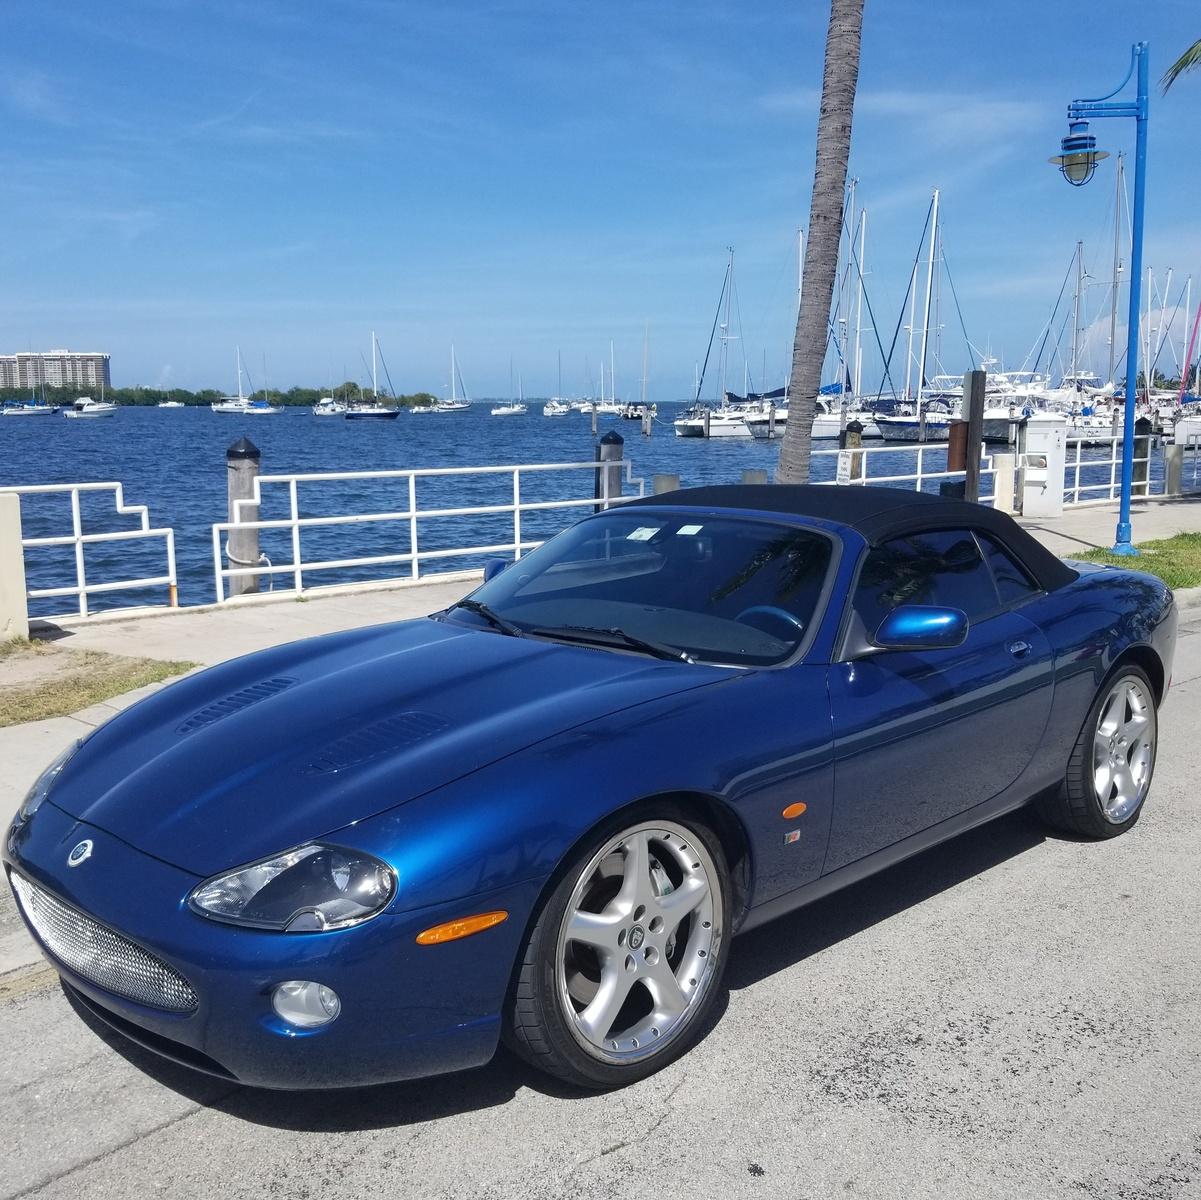 Jaguar Xk Convertible: 2004 Jaguar XK-Series